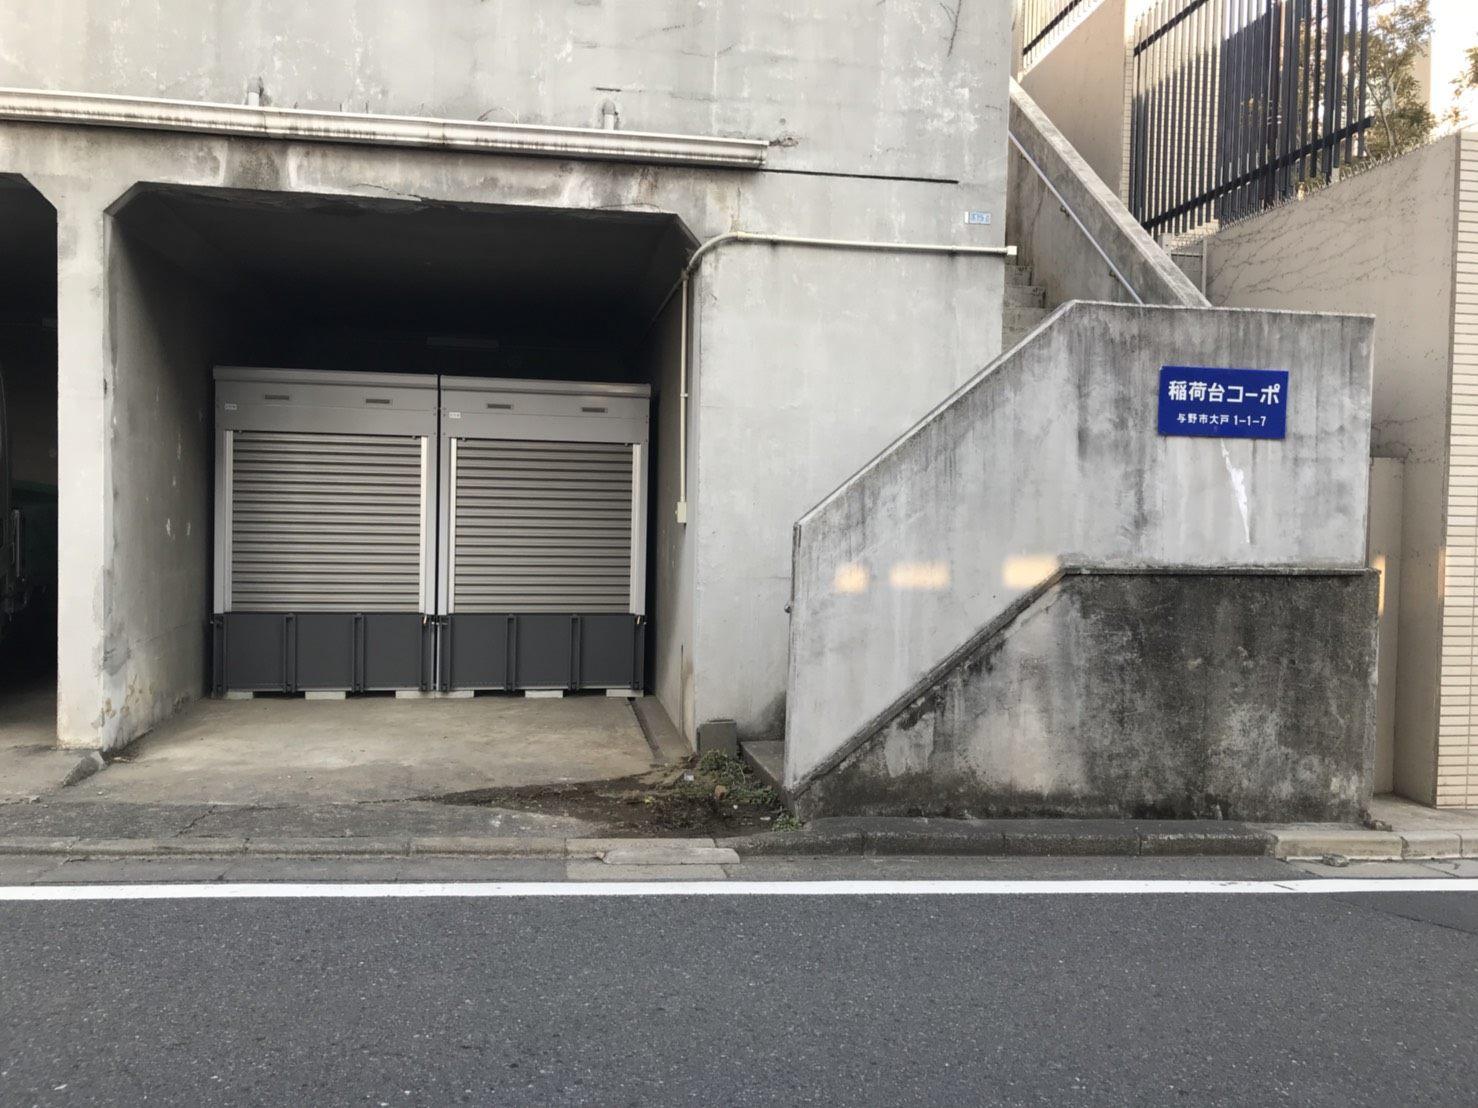 バイクストレージ別所沼公園外観2